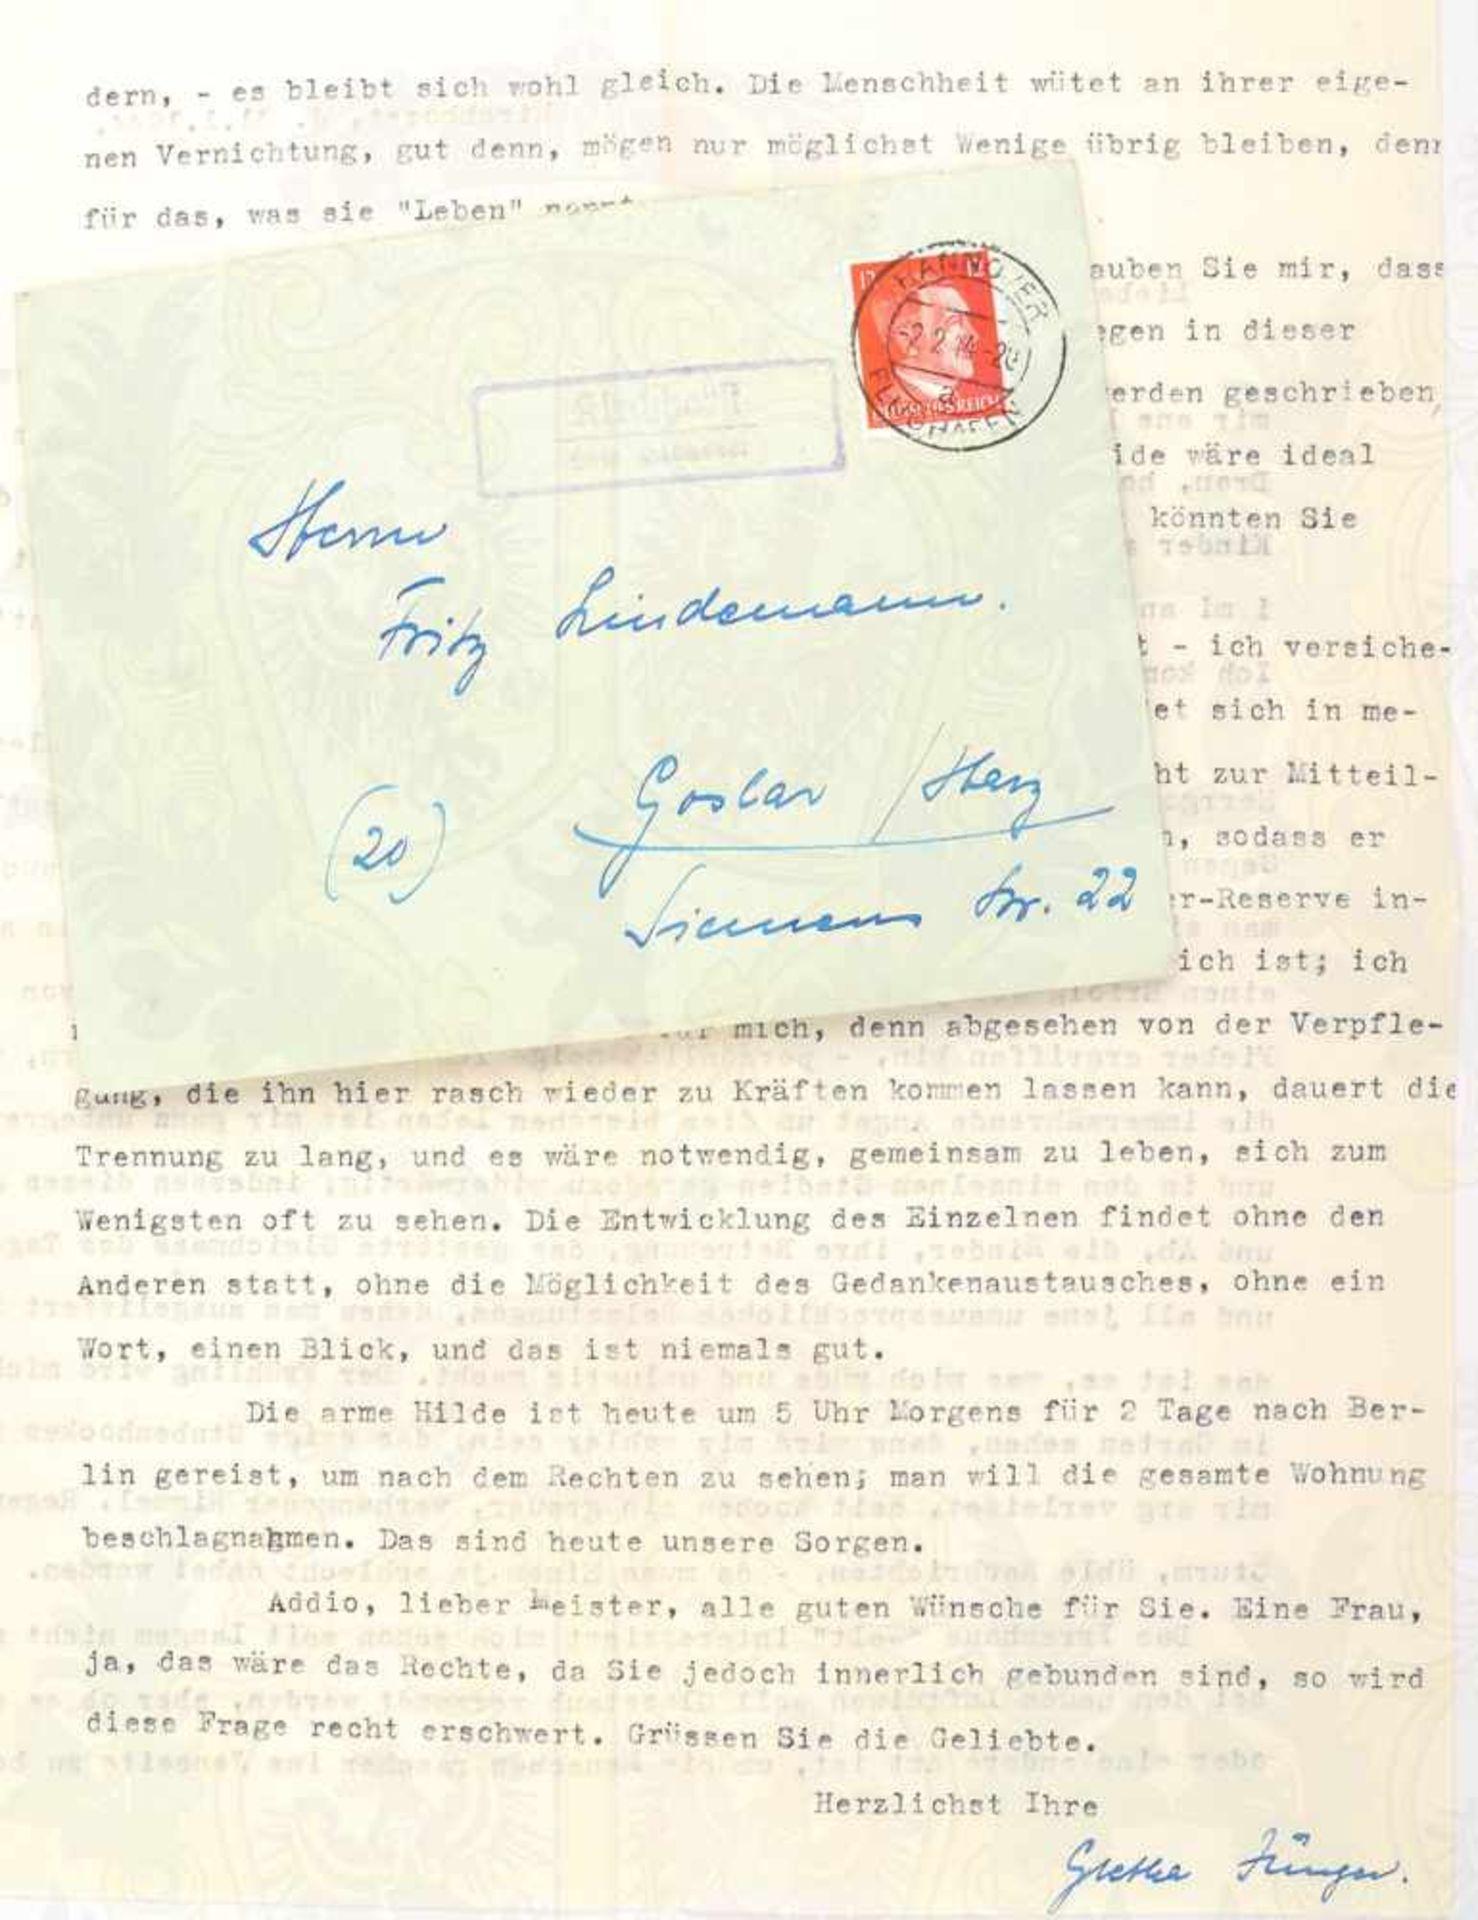 Los 29 - JÜNGER, GRETHA, geb. von Jeinsen (1906-1960, Ehefrau d. Schriftstellers Ernst Jünger, 1895-1998),